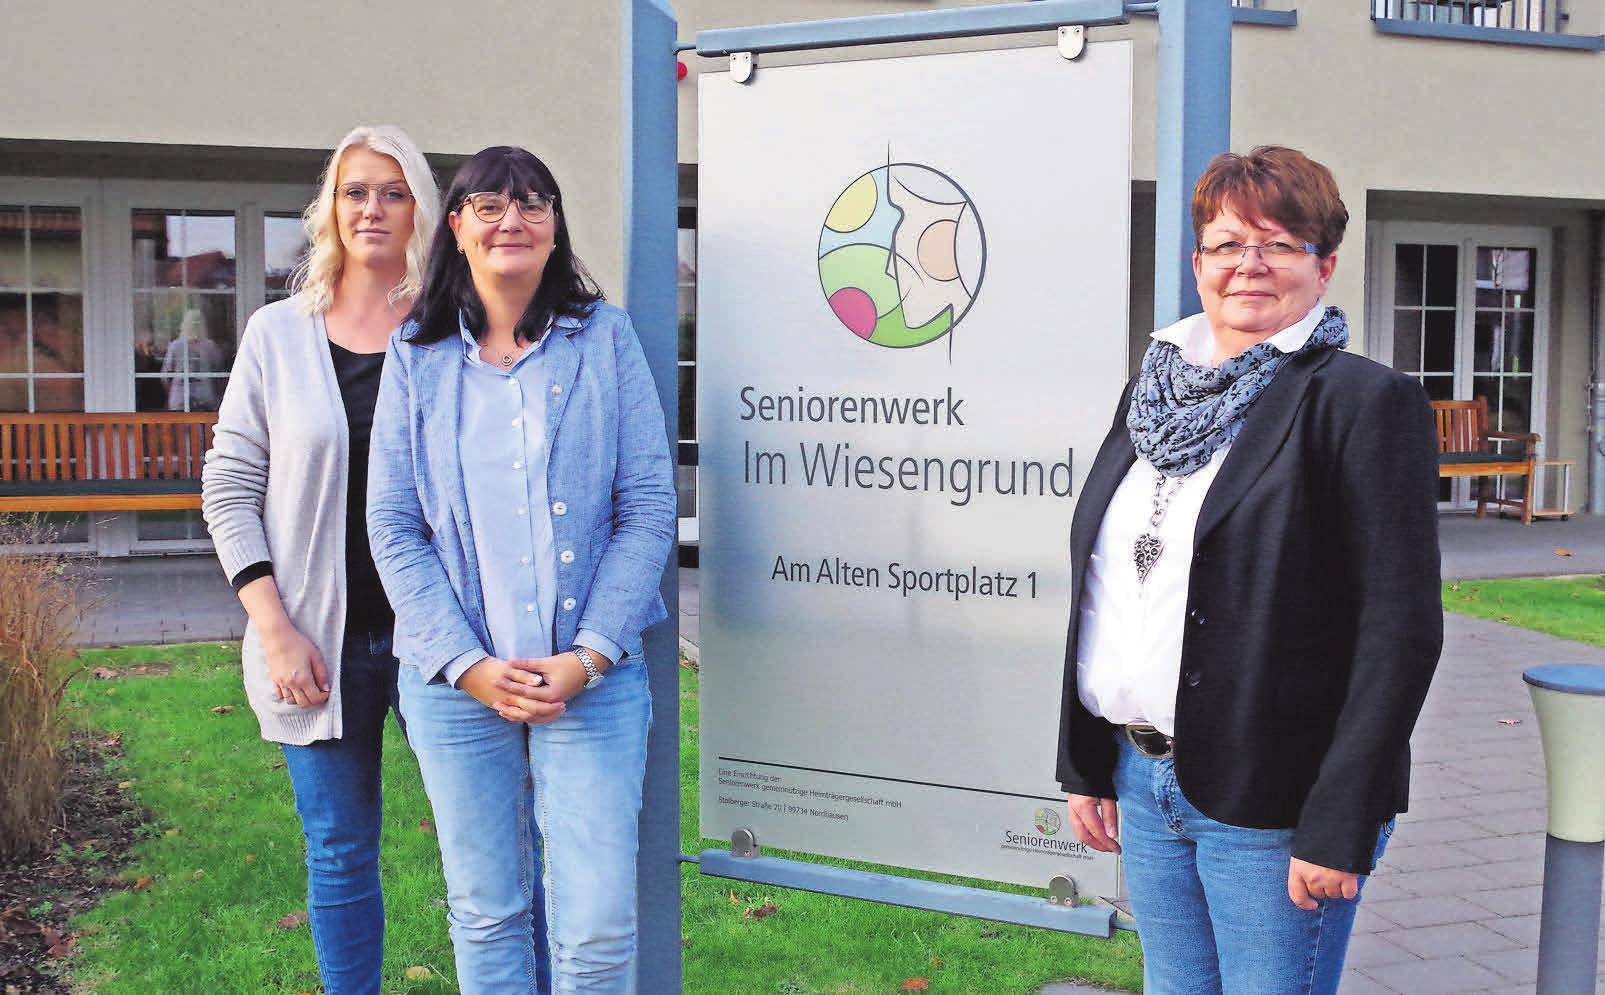 Pflegedienstleiterin Karoline Moss (von links), Einrichtungsleiterin Simone Habben und Anette Paternoga vom Ambulanten Dienst sind ein eingespieltes Team.